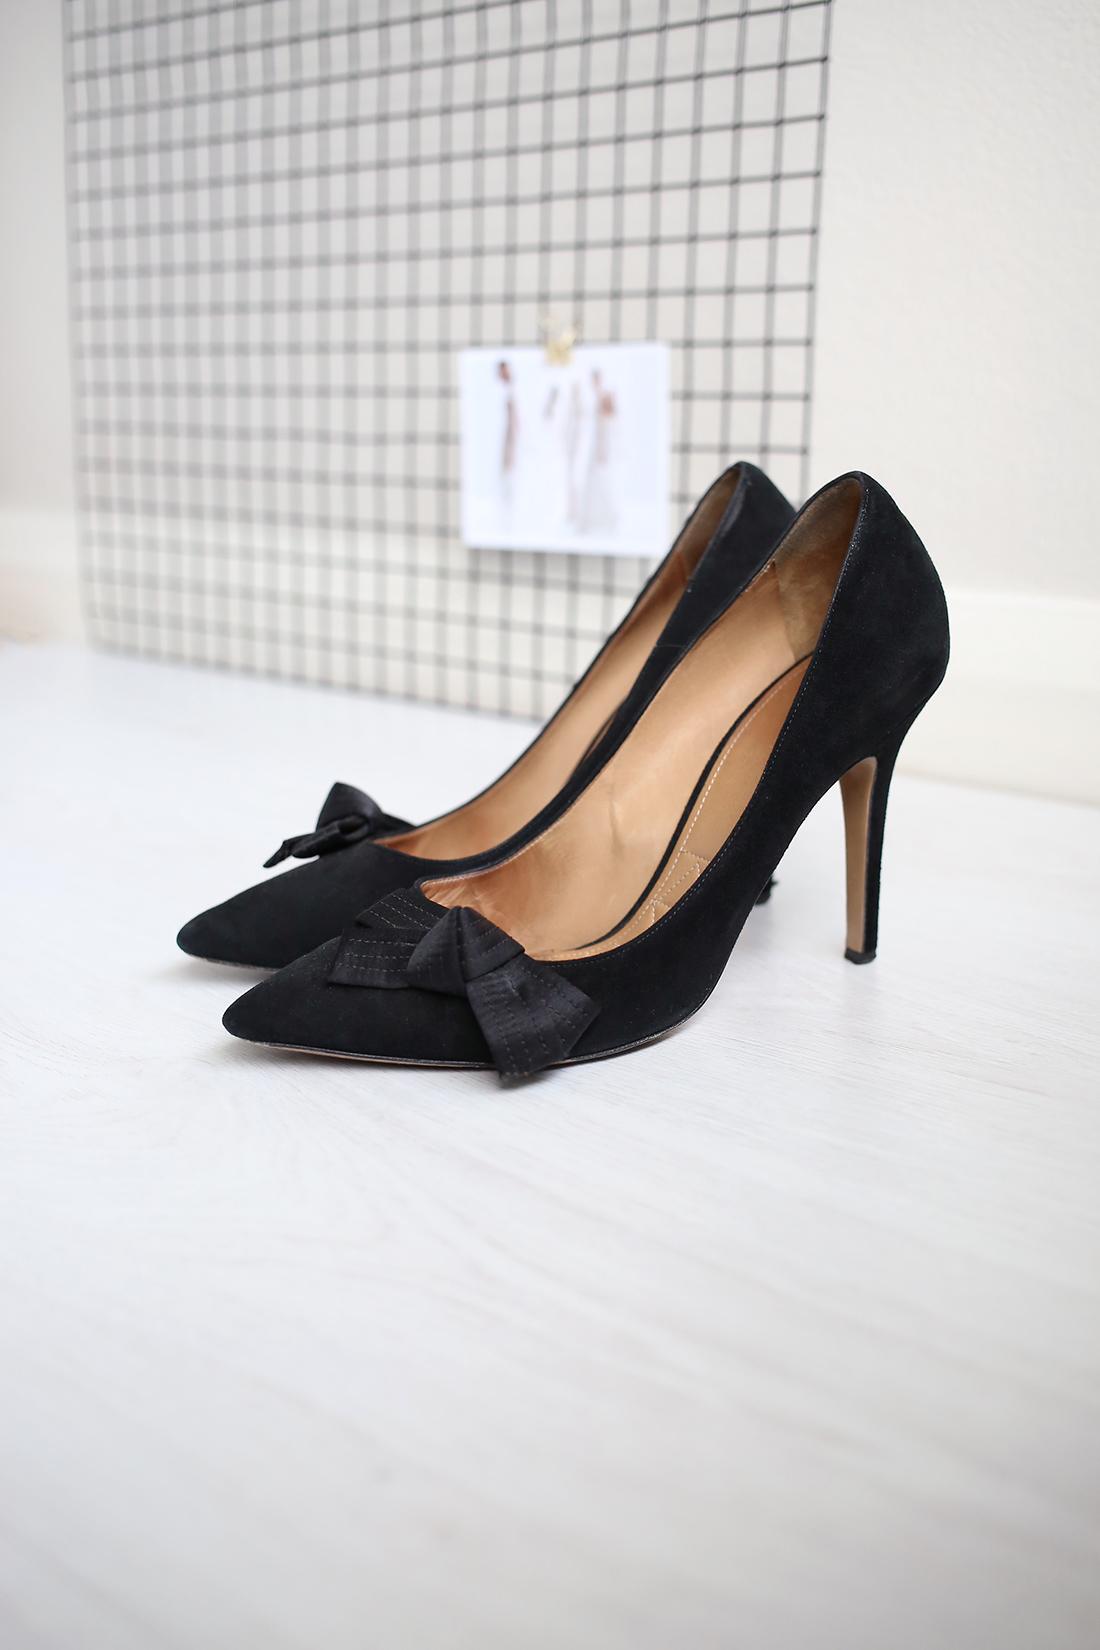 The essential black pair of heels